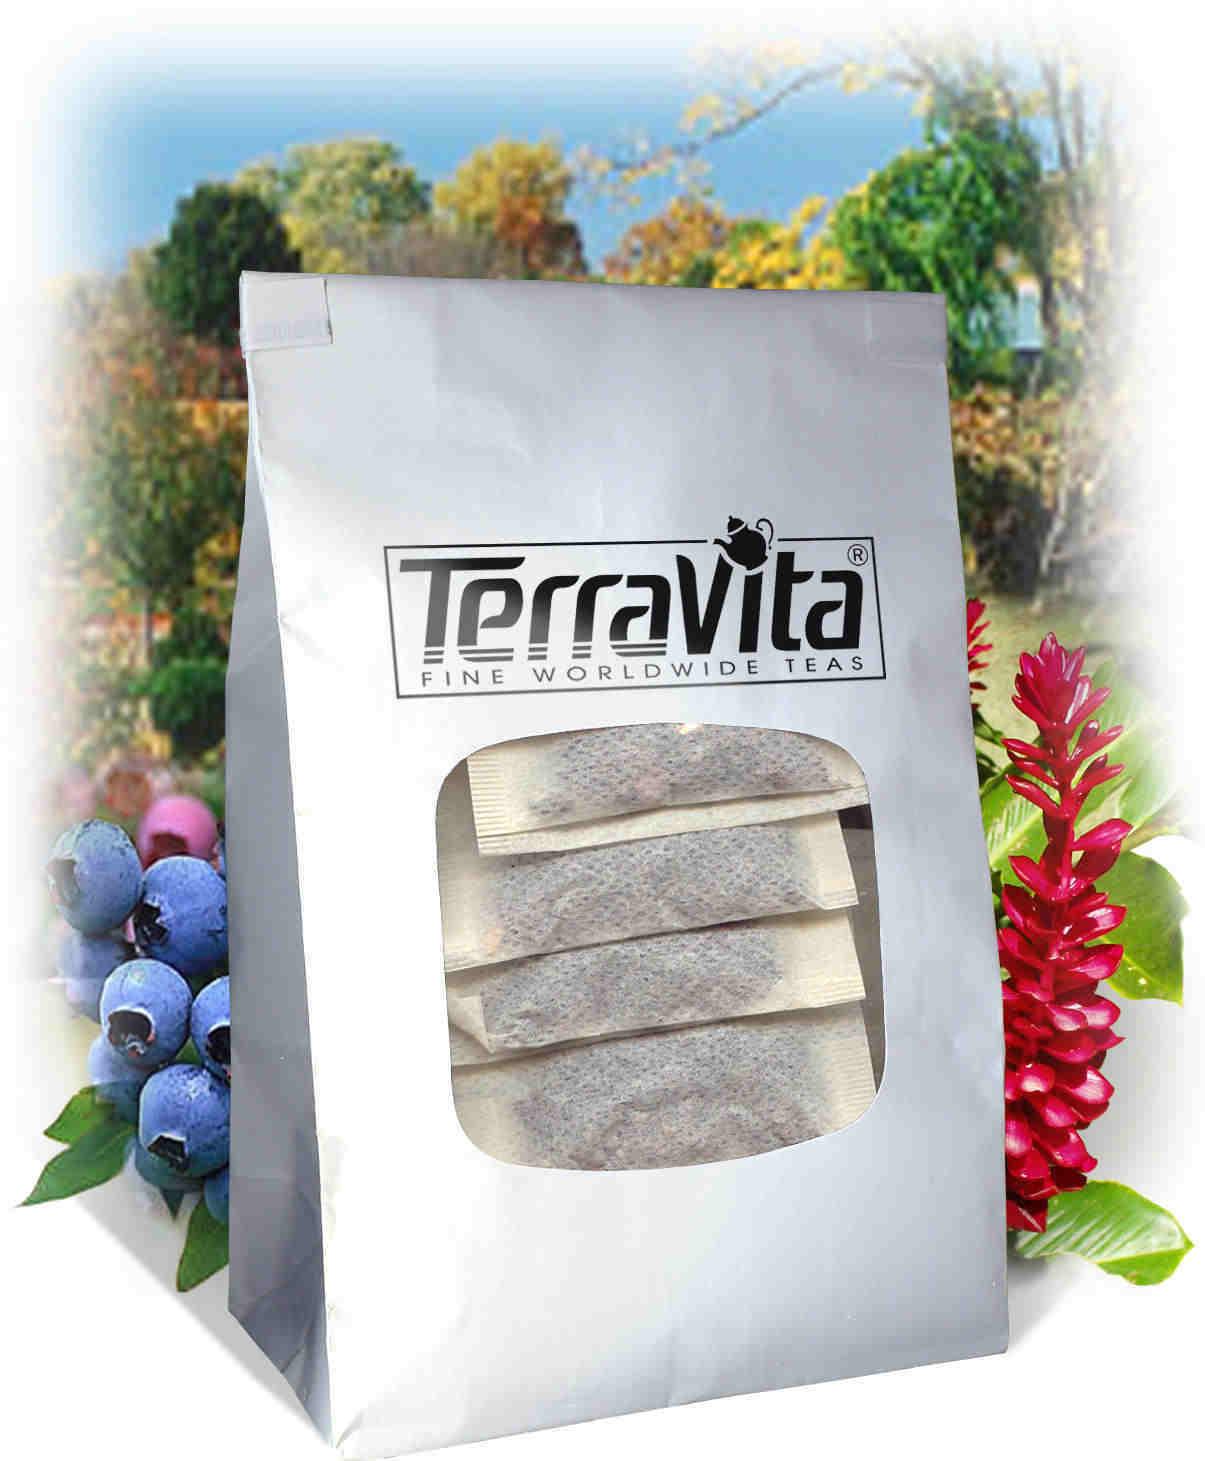 Cilantro (Coriander) Leaf Tea